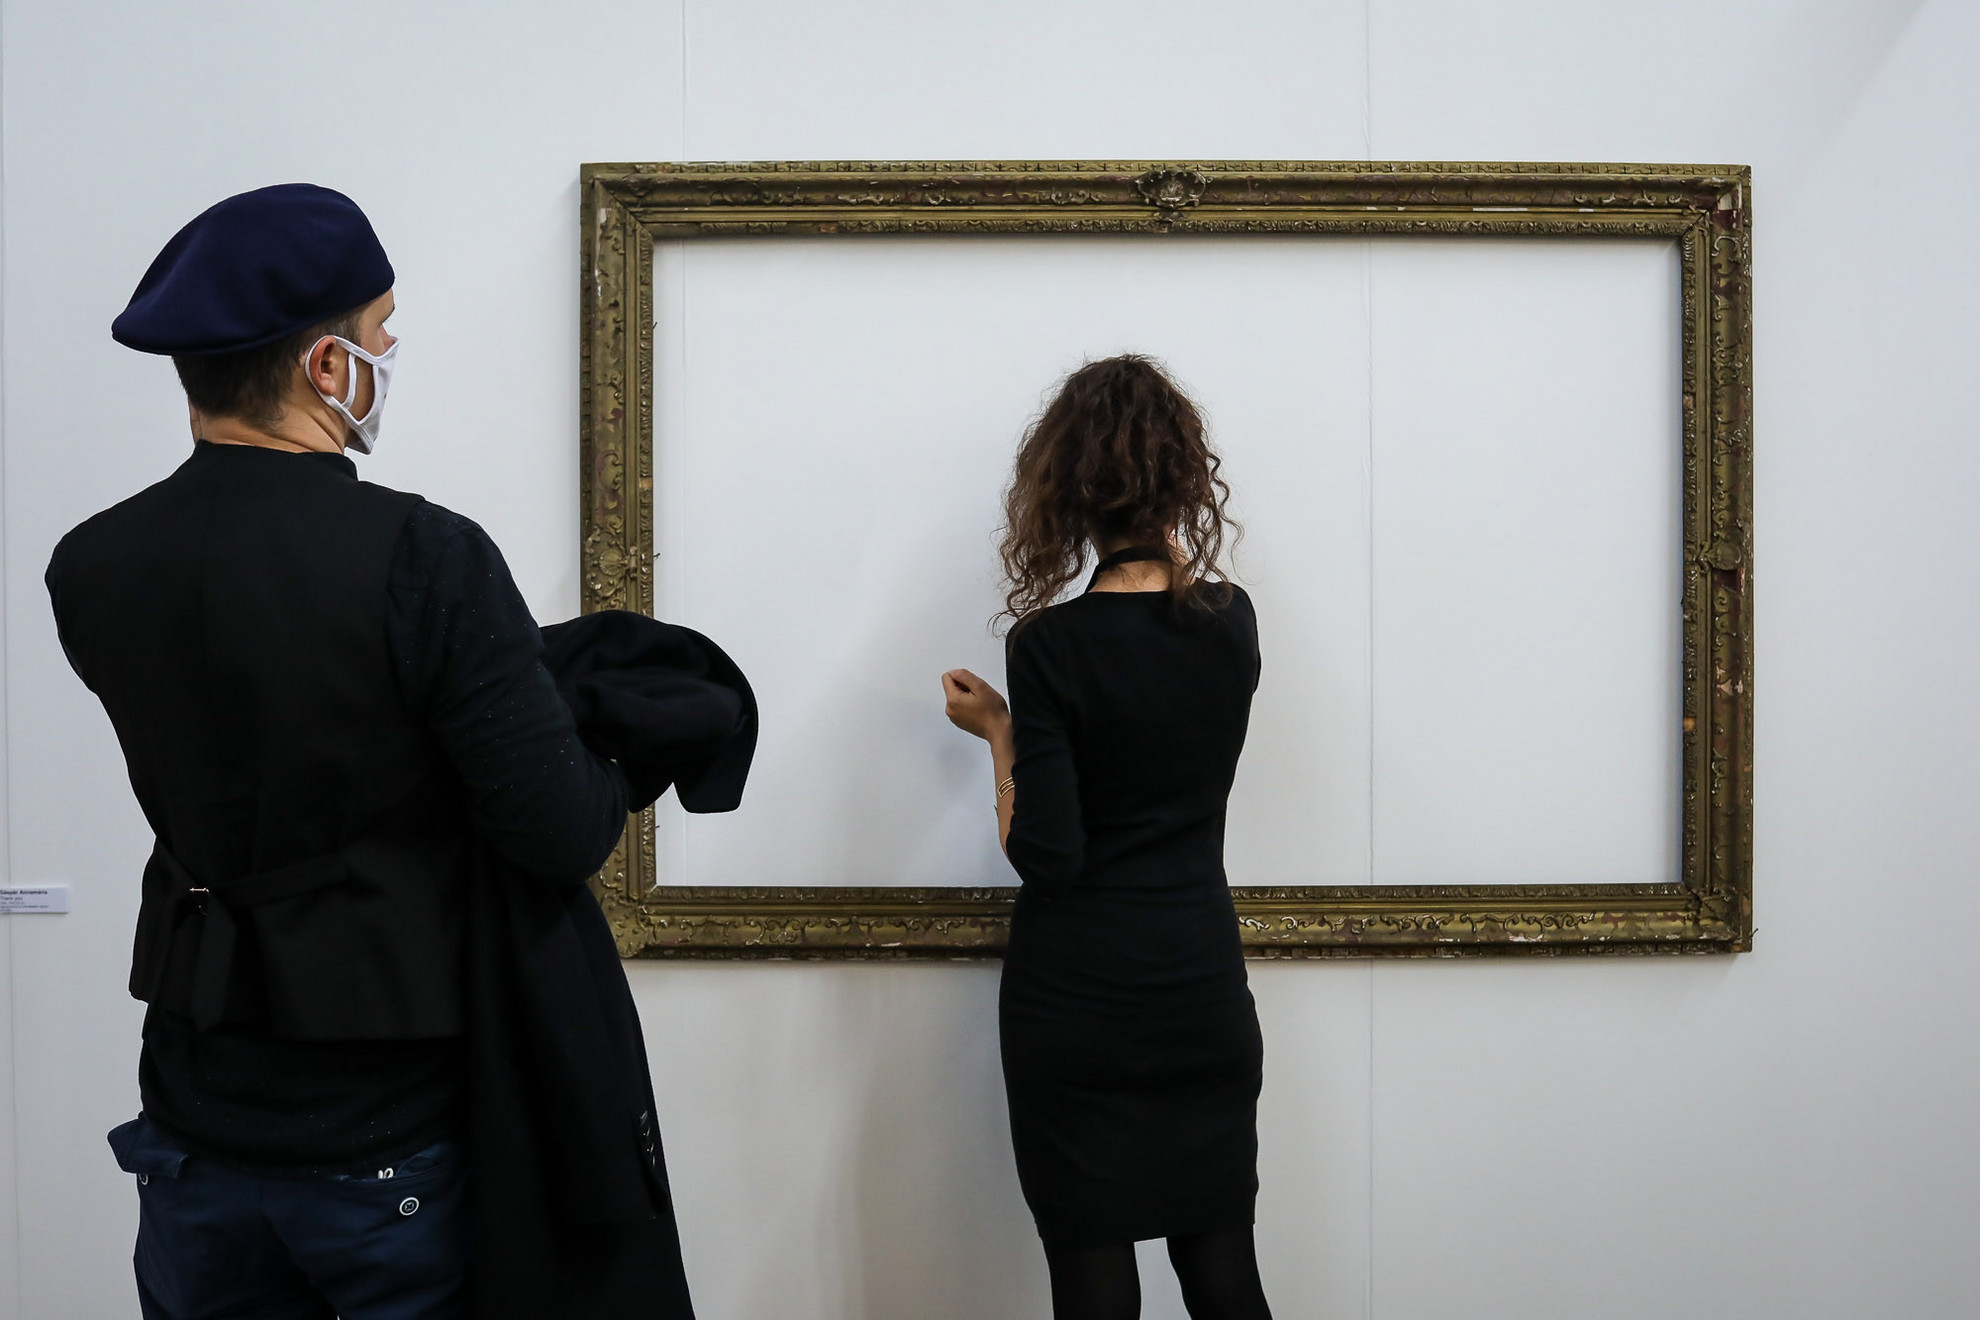 Több mint húsz magyar kereskedelmi galéria mutatkozik be ebben az évben